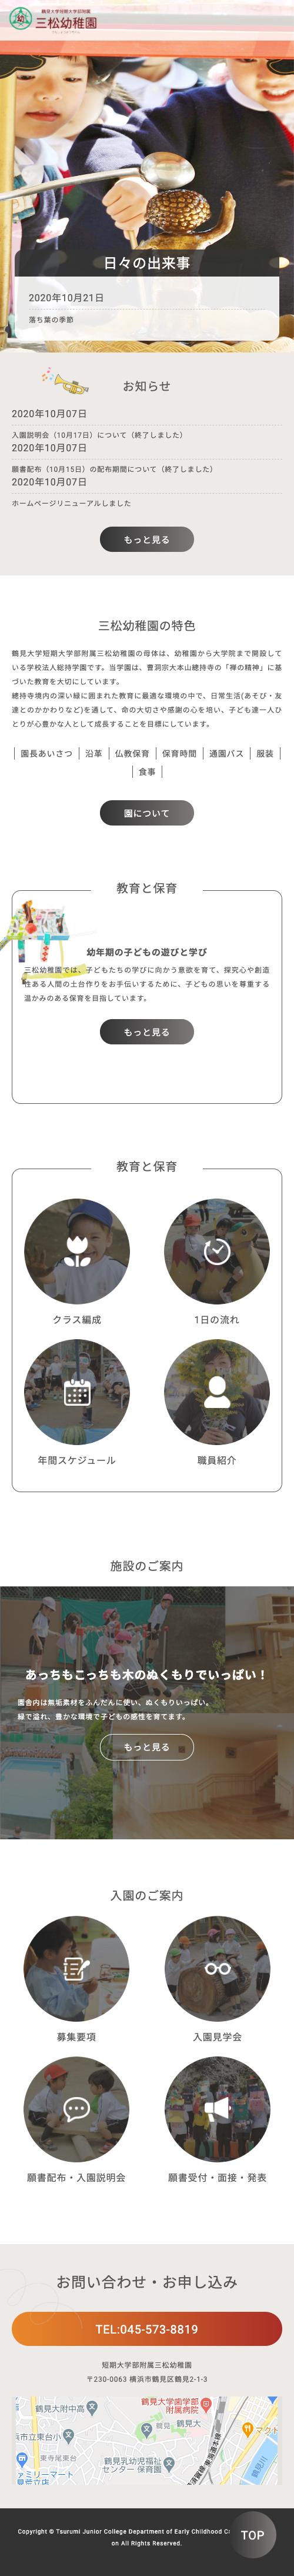 鶴見大学短期大学部附属 三松幼稚園